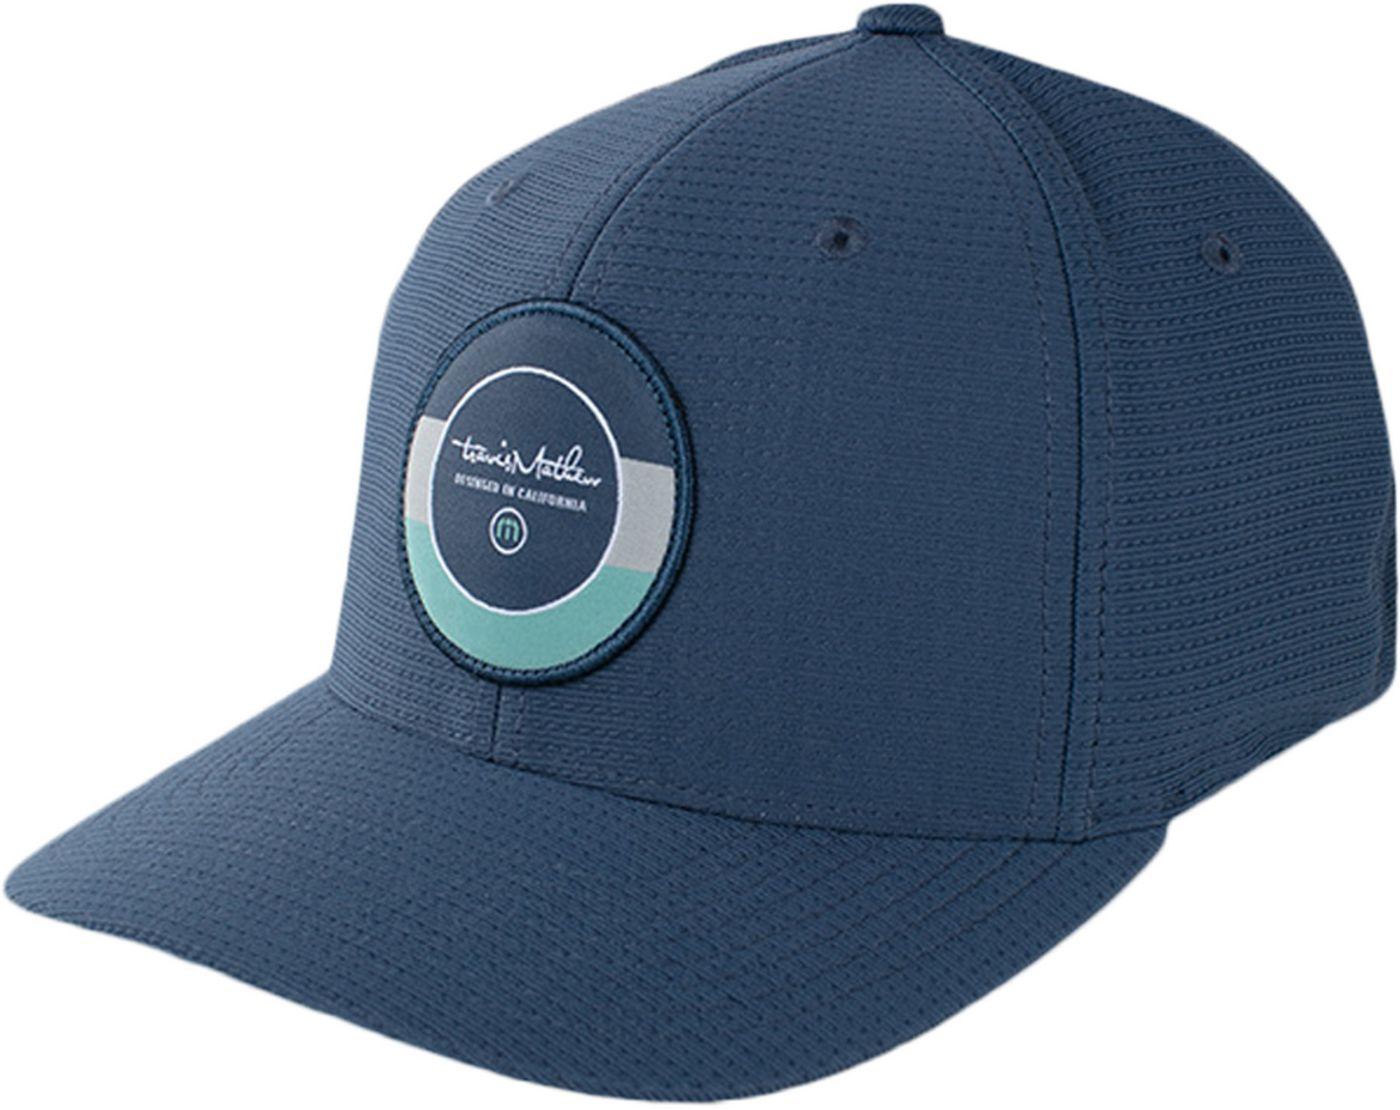 TravisMathew Men's Monza Golf Hat